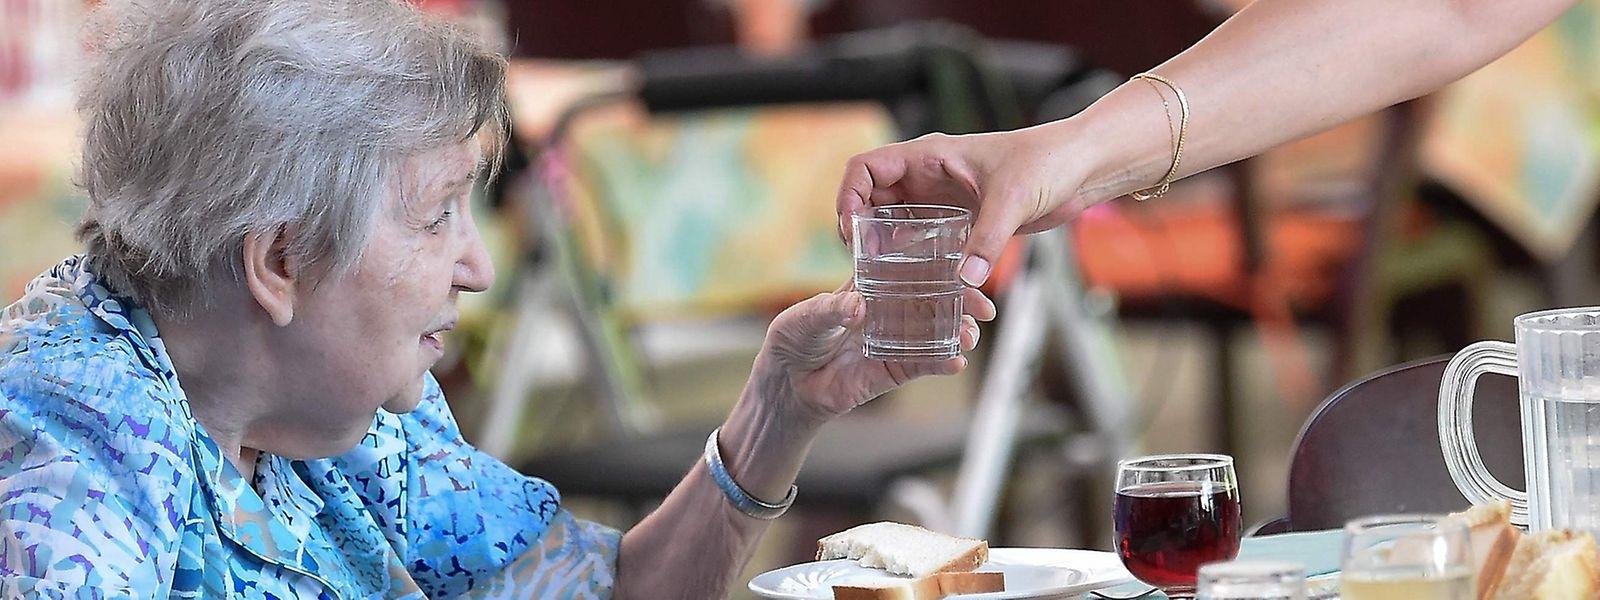 Ältere und geschwächte Menschen sollten auf jeden Fall ausreichend trinken und den Kontakt mit ihrem Umfeld behalten.